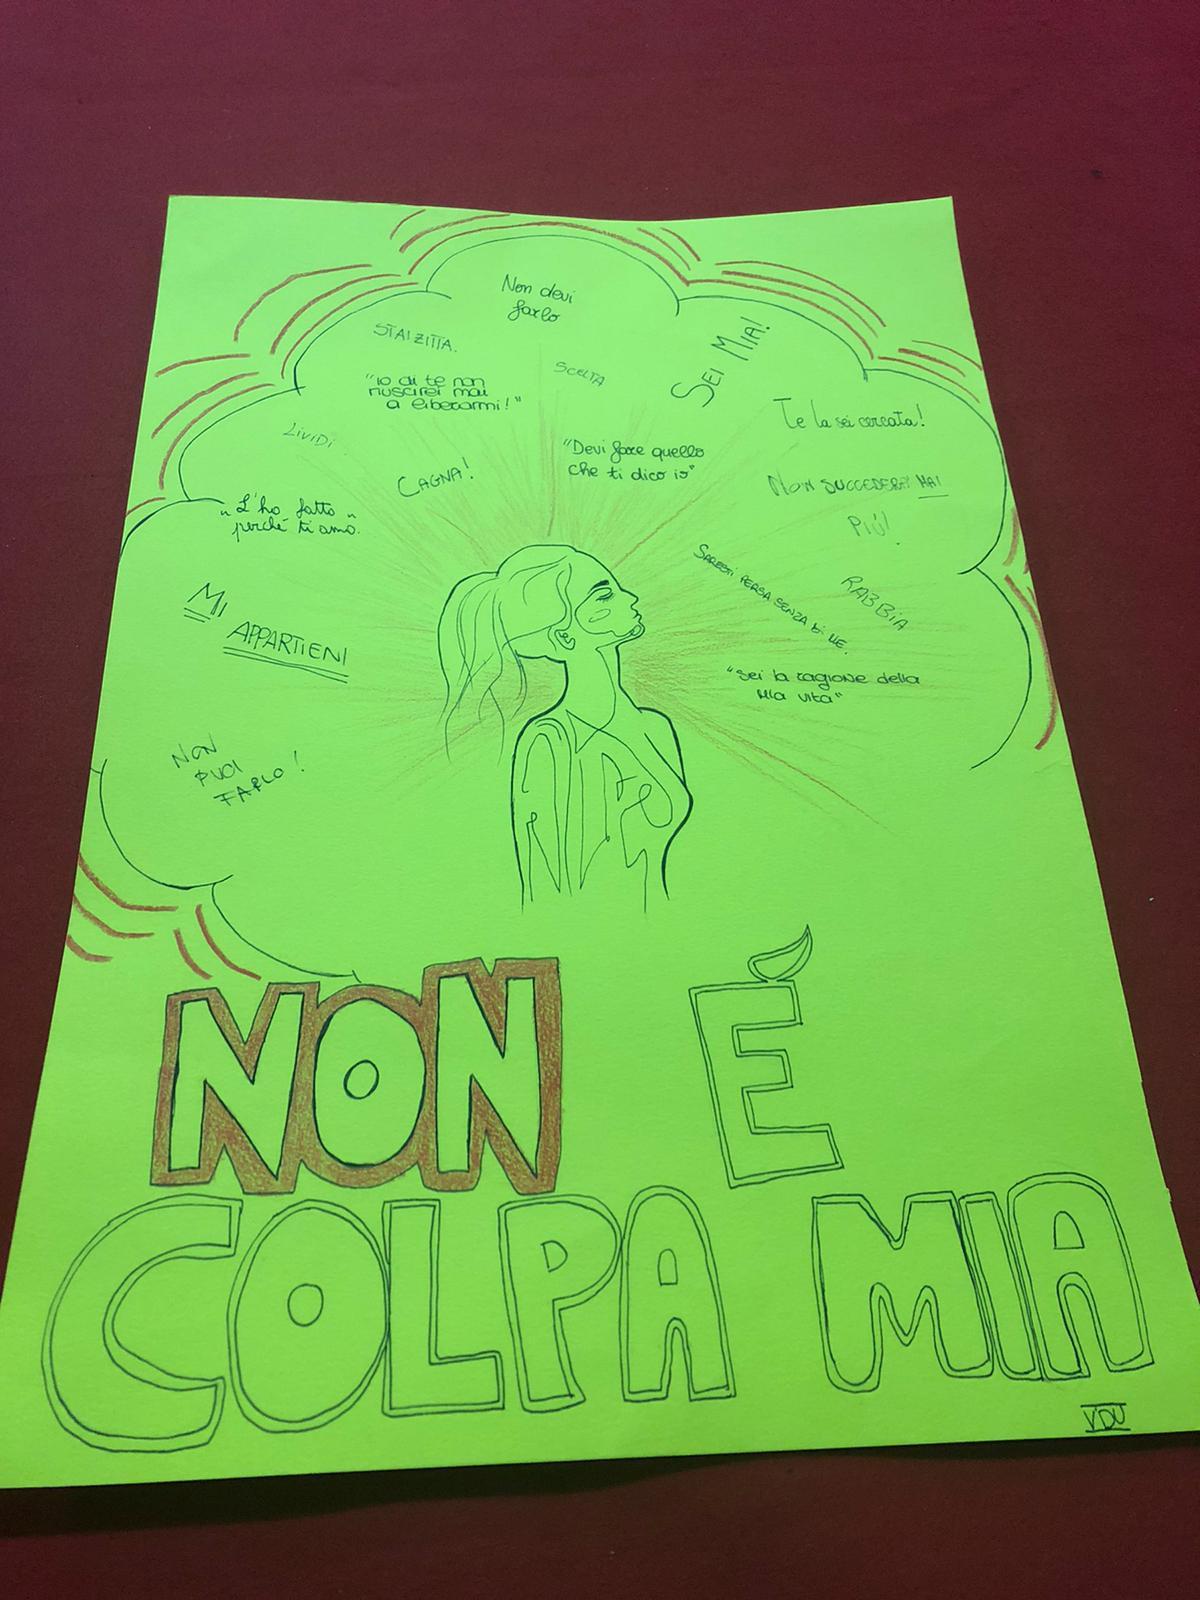 #NoViolenza2.0 : 24 gennaio2020